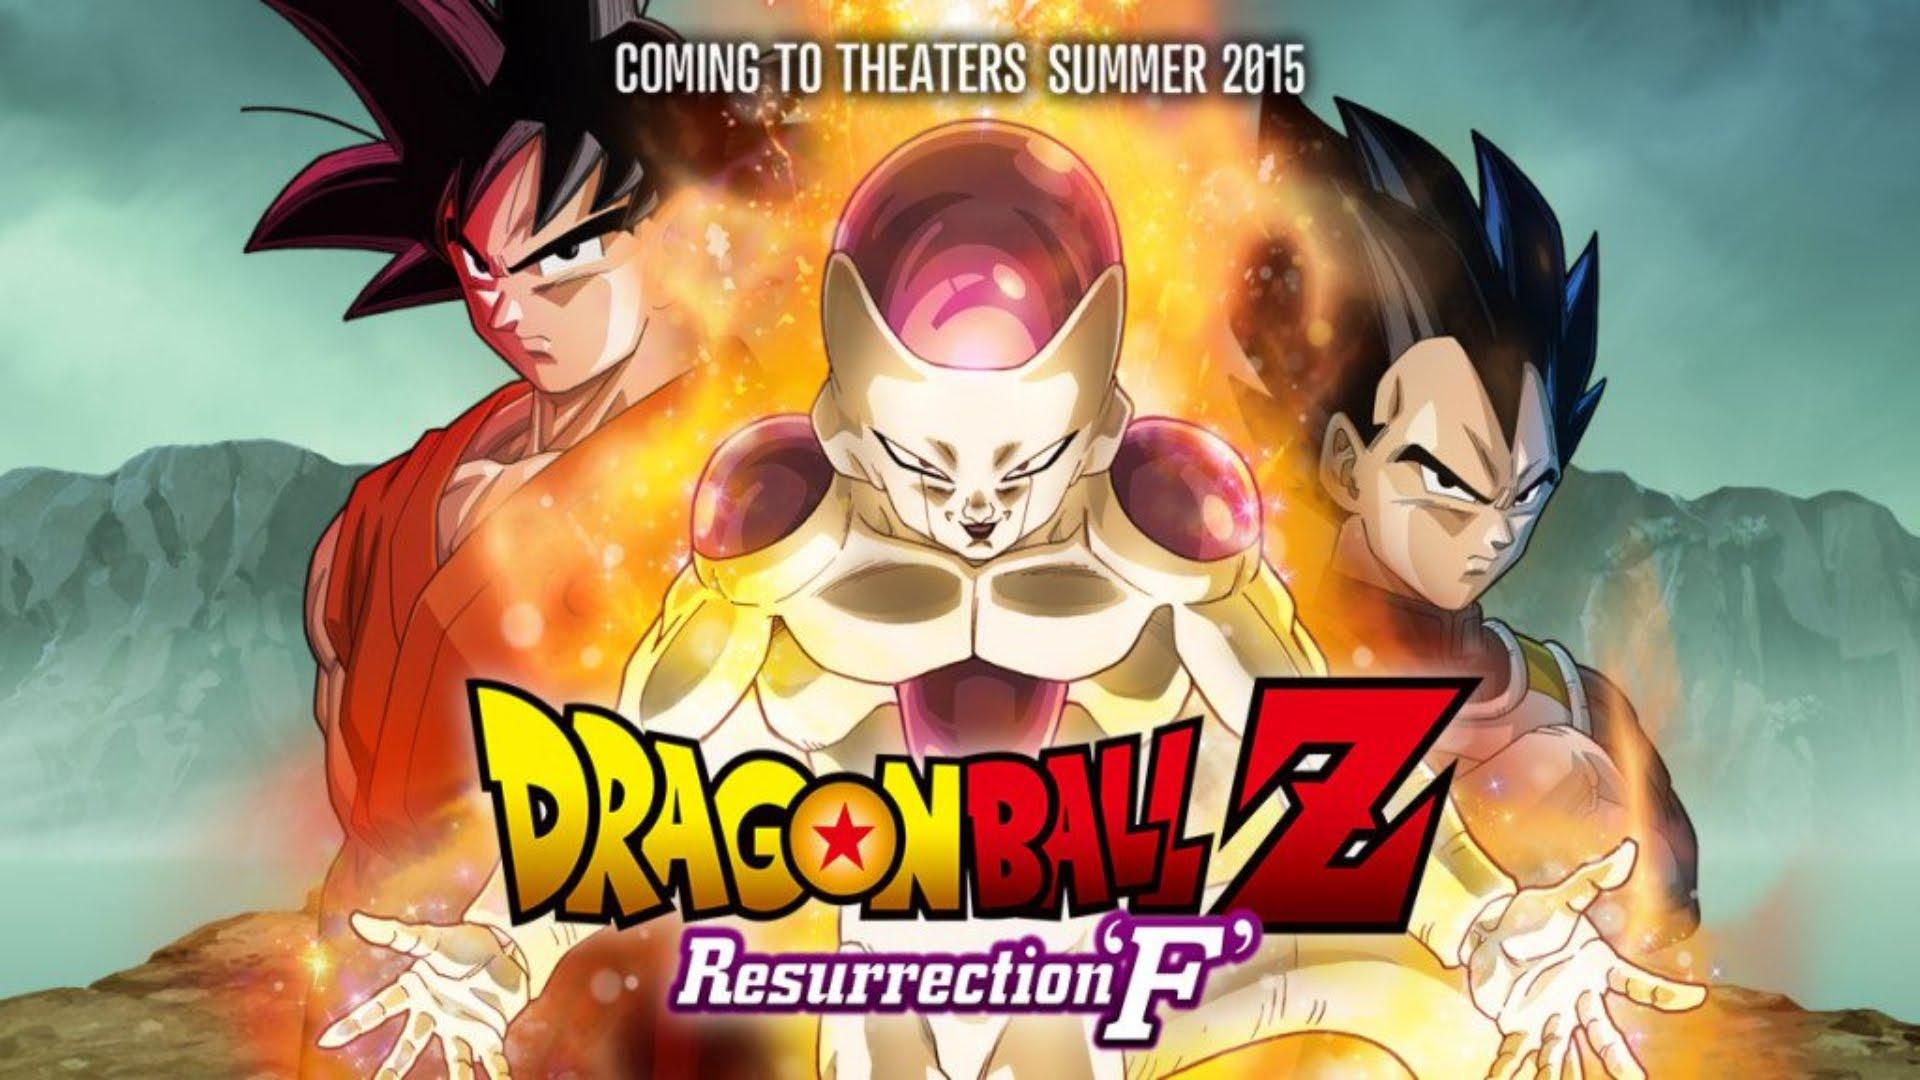 Super Recaps Dragon Ball Super Resurrection F The Reviewers